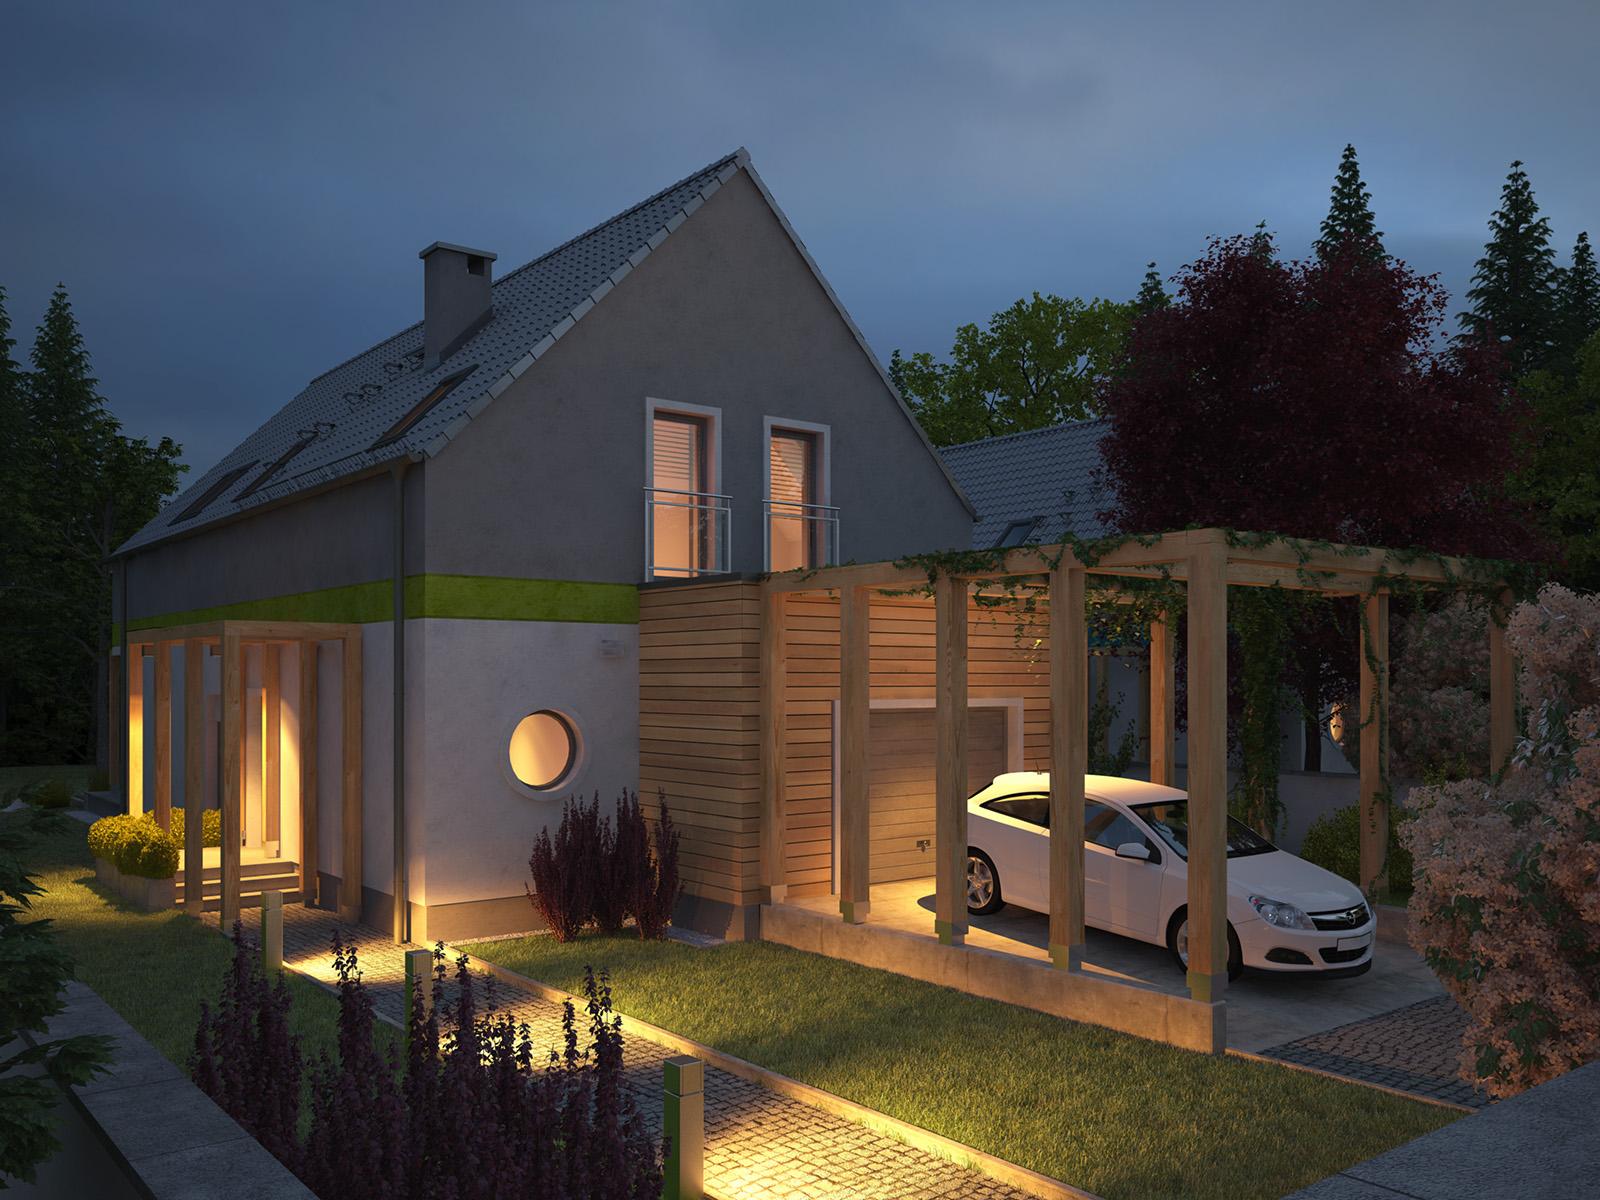 Projekt domu MAŁY I WĄSKI Domy Czystej Energii widok od frontu i z boku